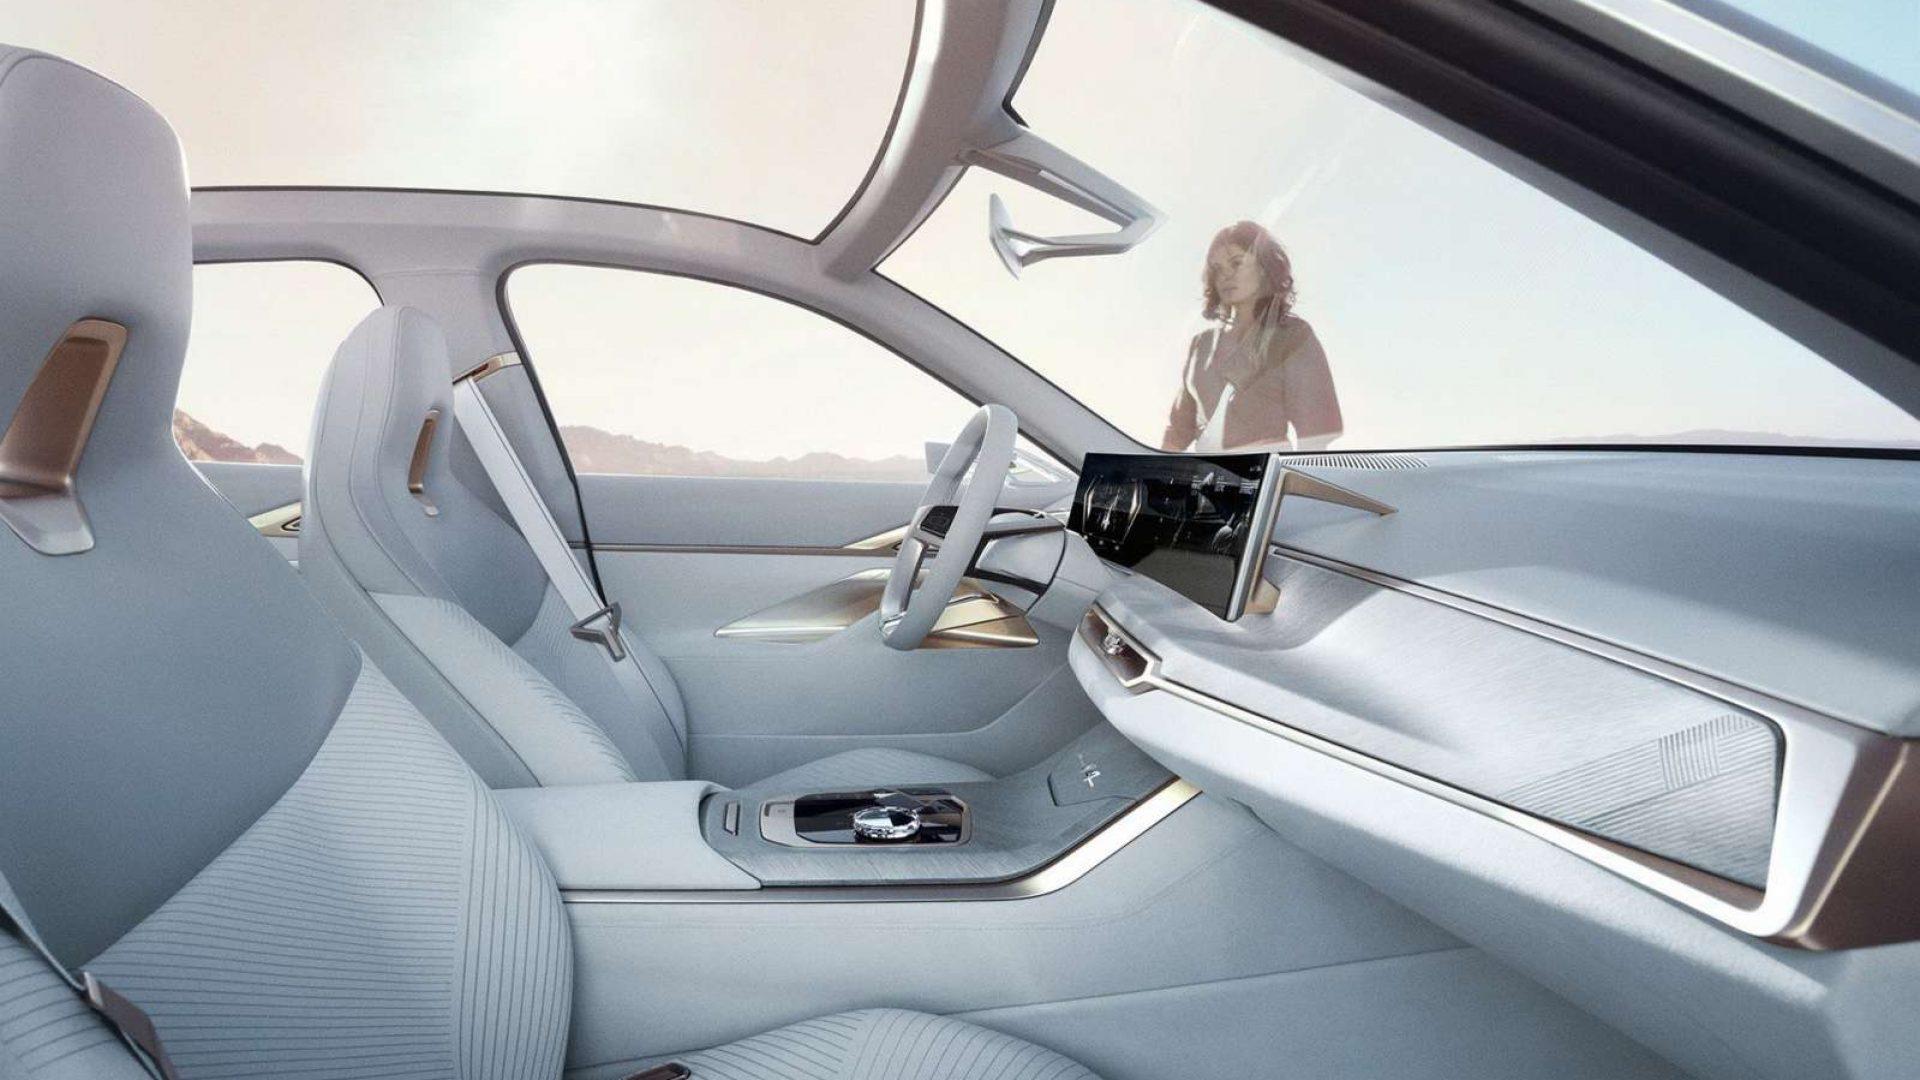 2020-BMW-Concept-i4-Interior-13